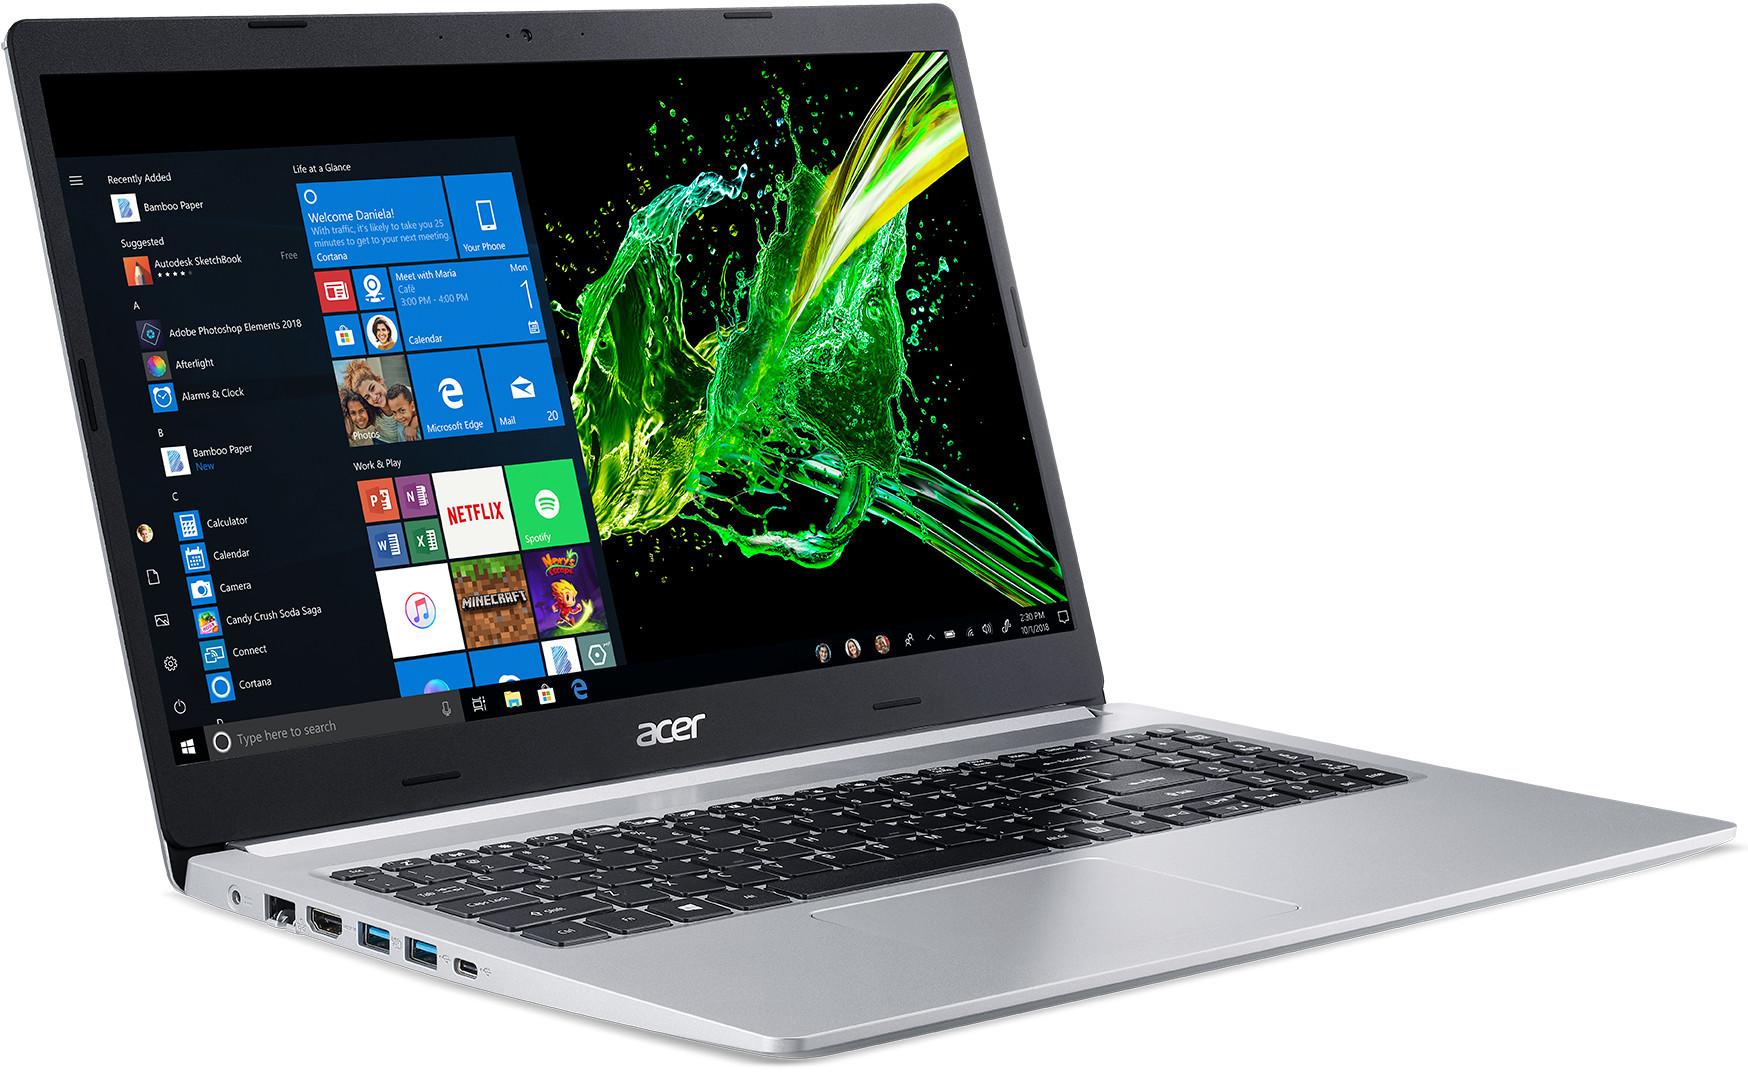 Acer Aspire 5 A515-54G-50LM - Prijzen - Tweakers